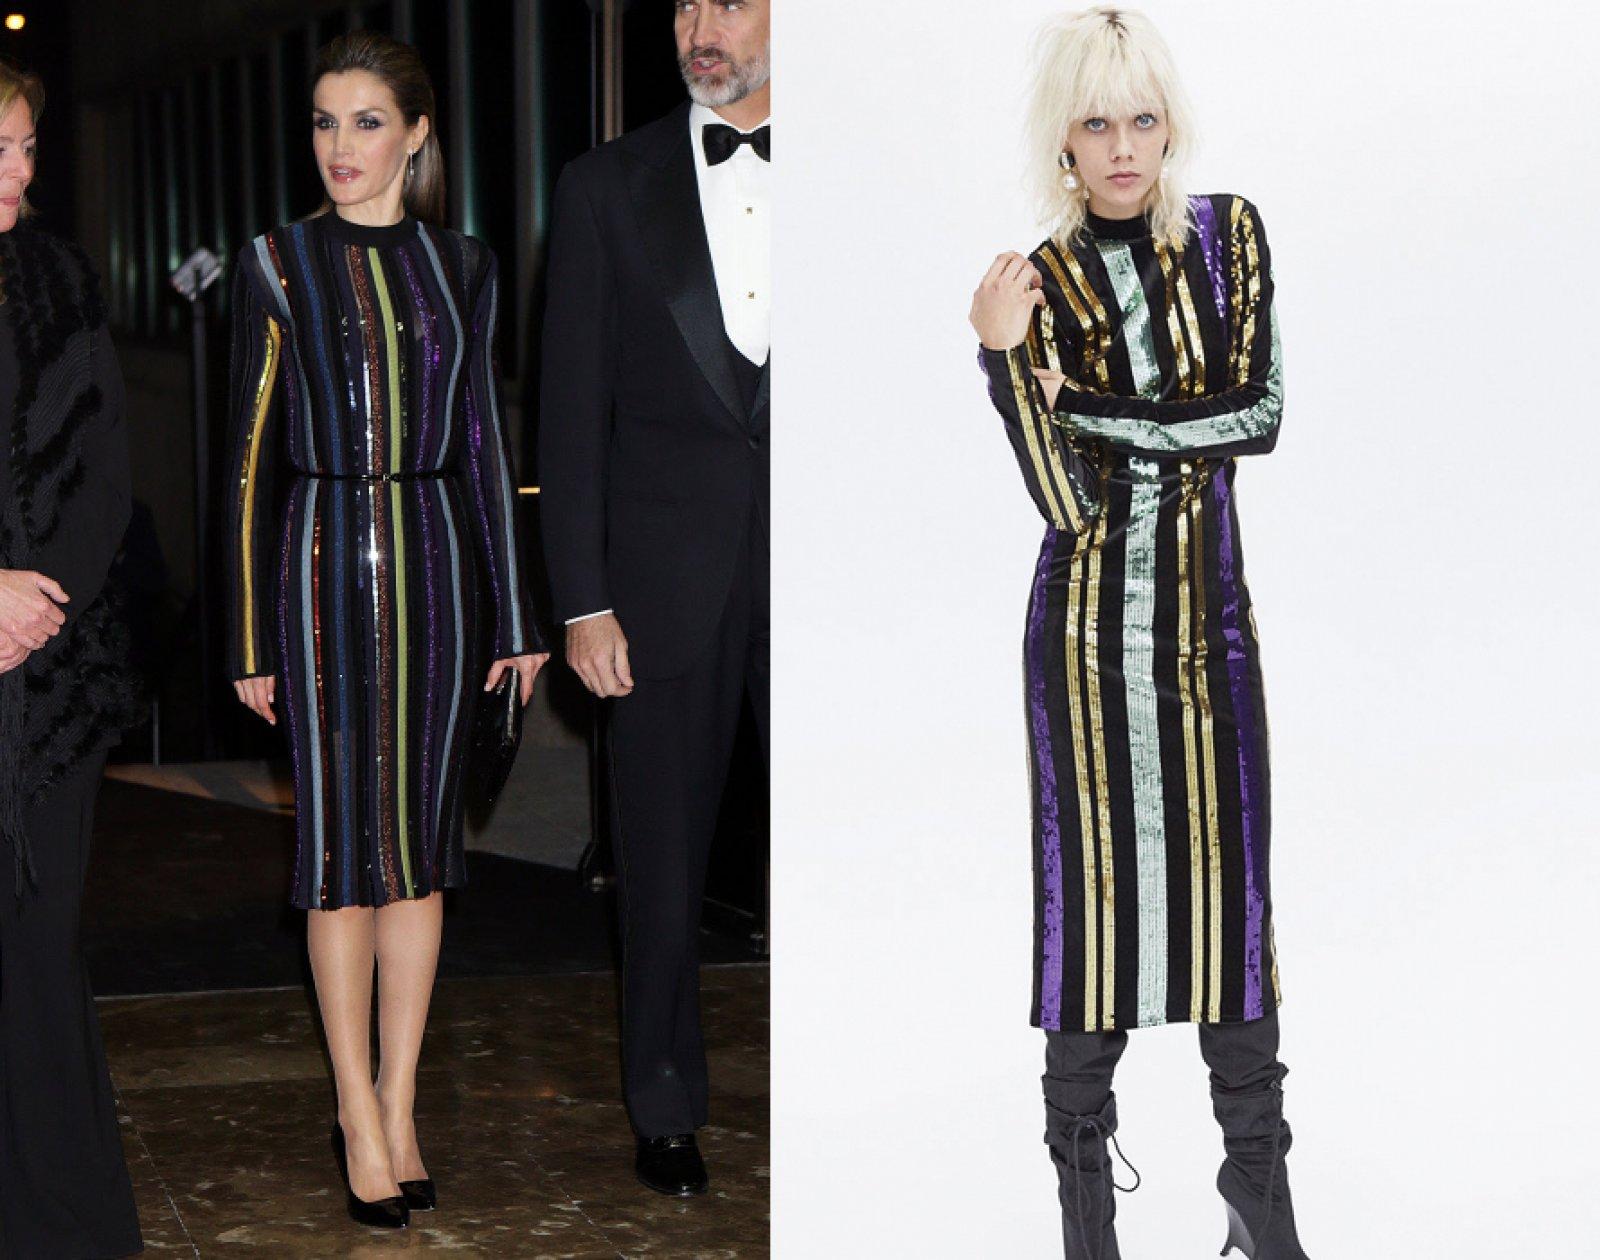 El vestido de Nina Ricci y el diseño de Zara